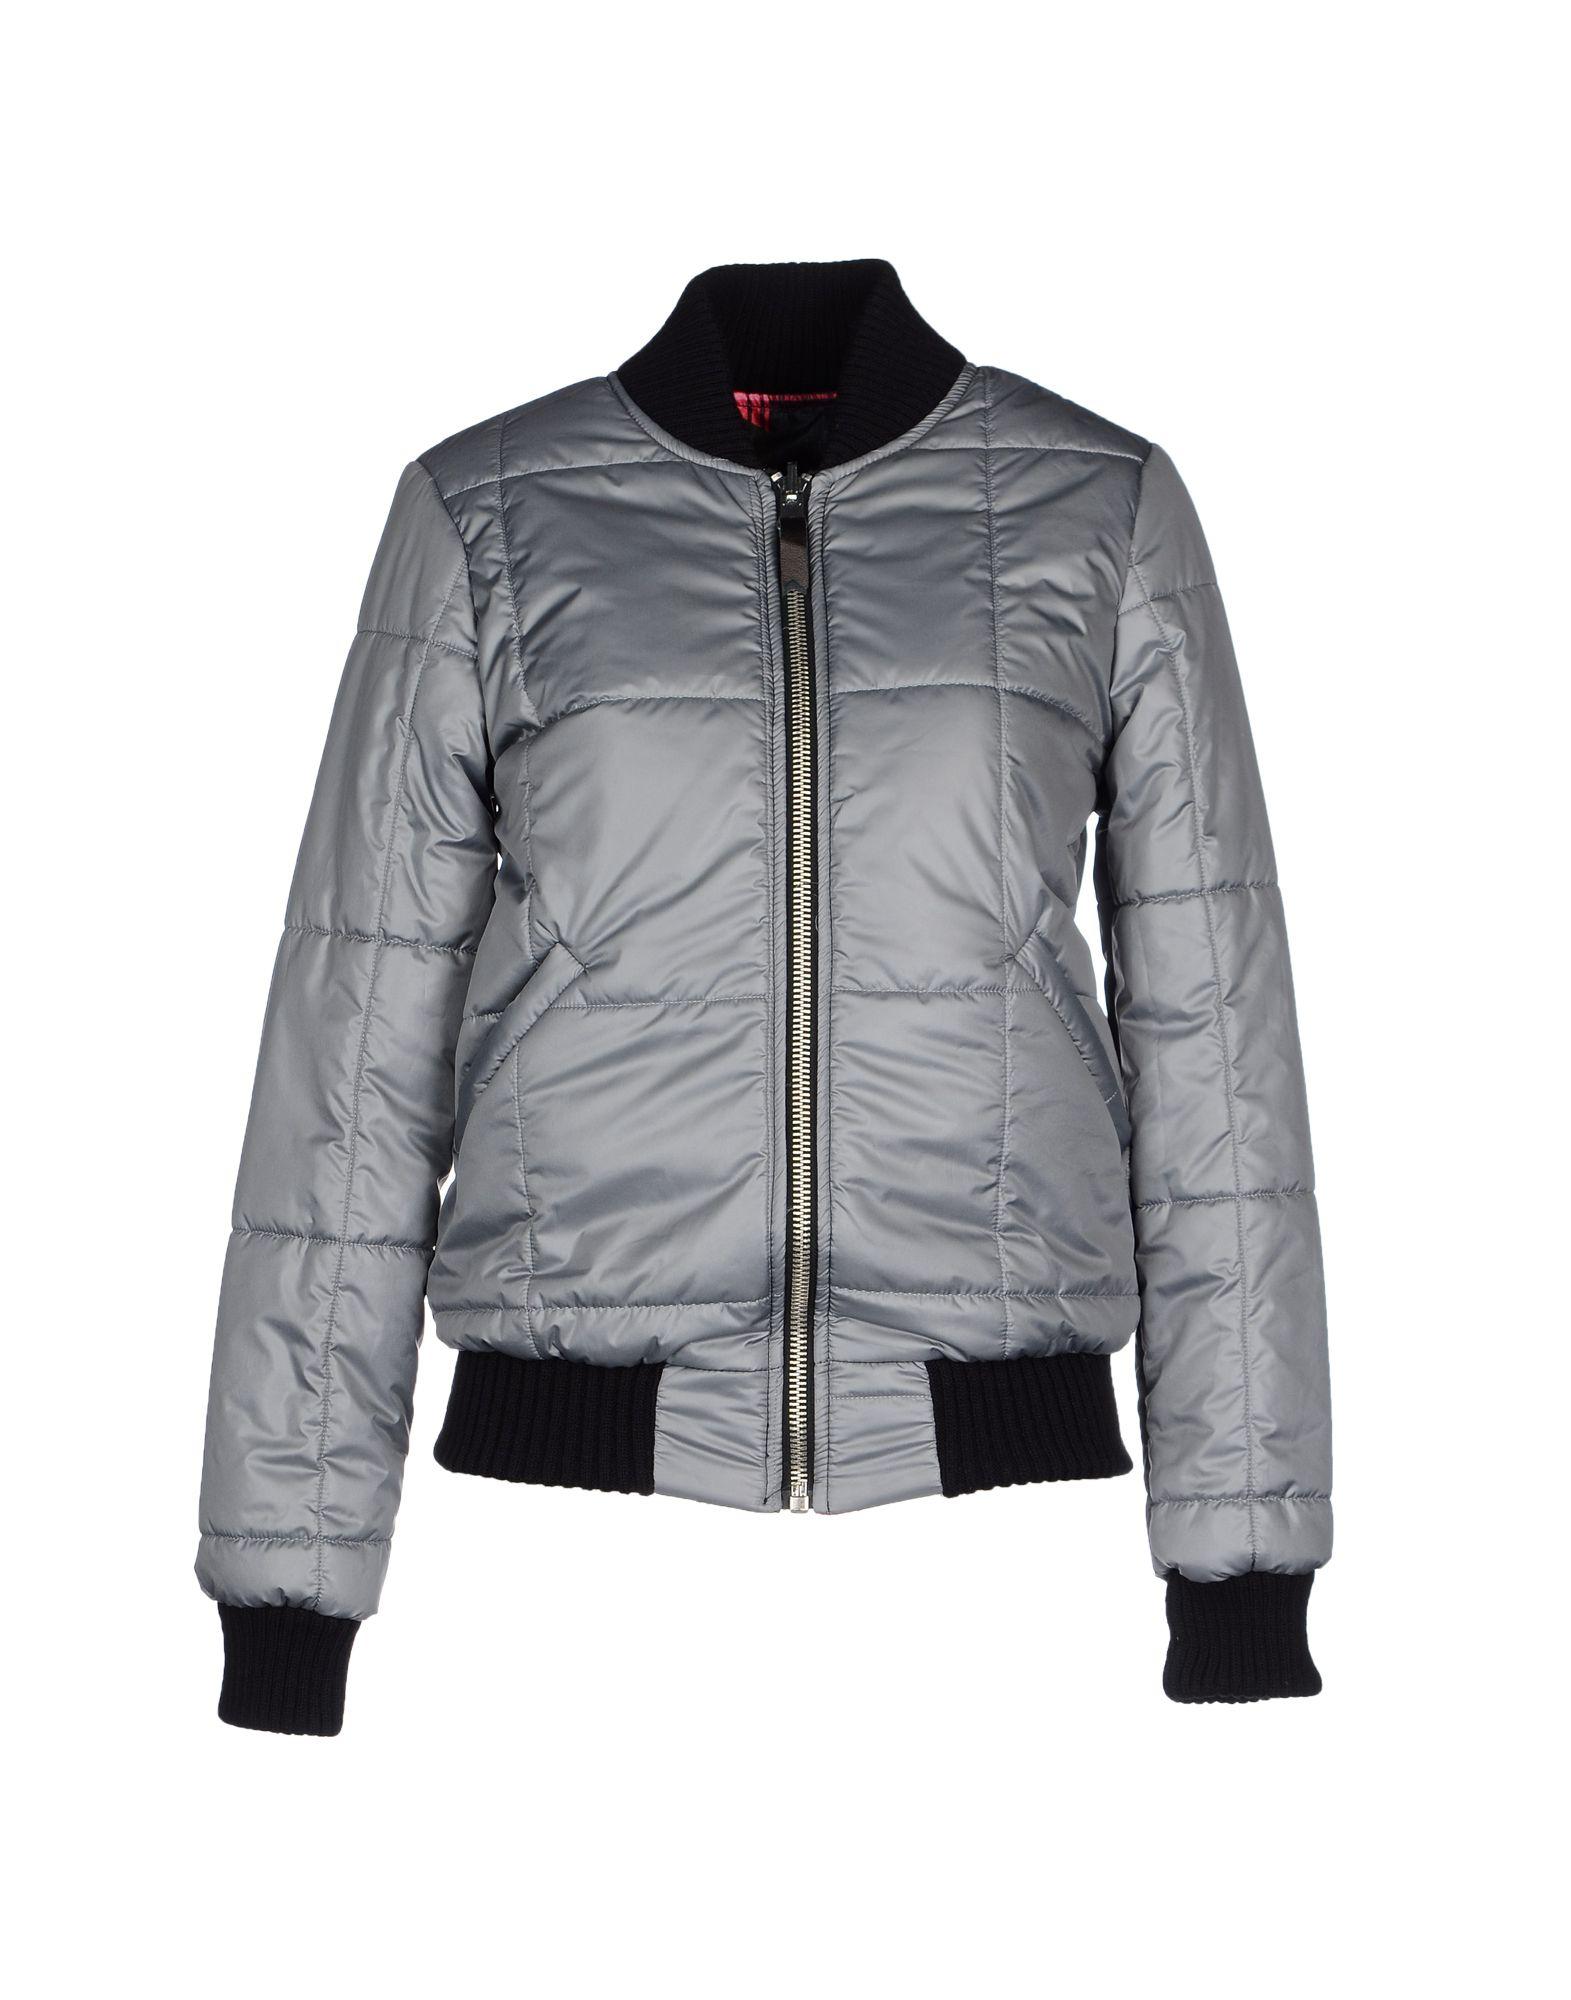 Fifteen U0026 Half Jacket In Gray For Men | Lyst